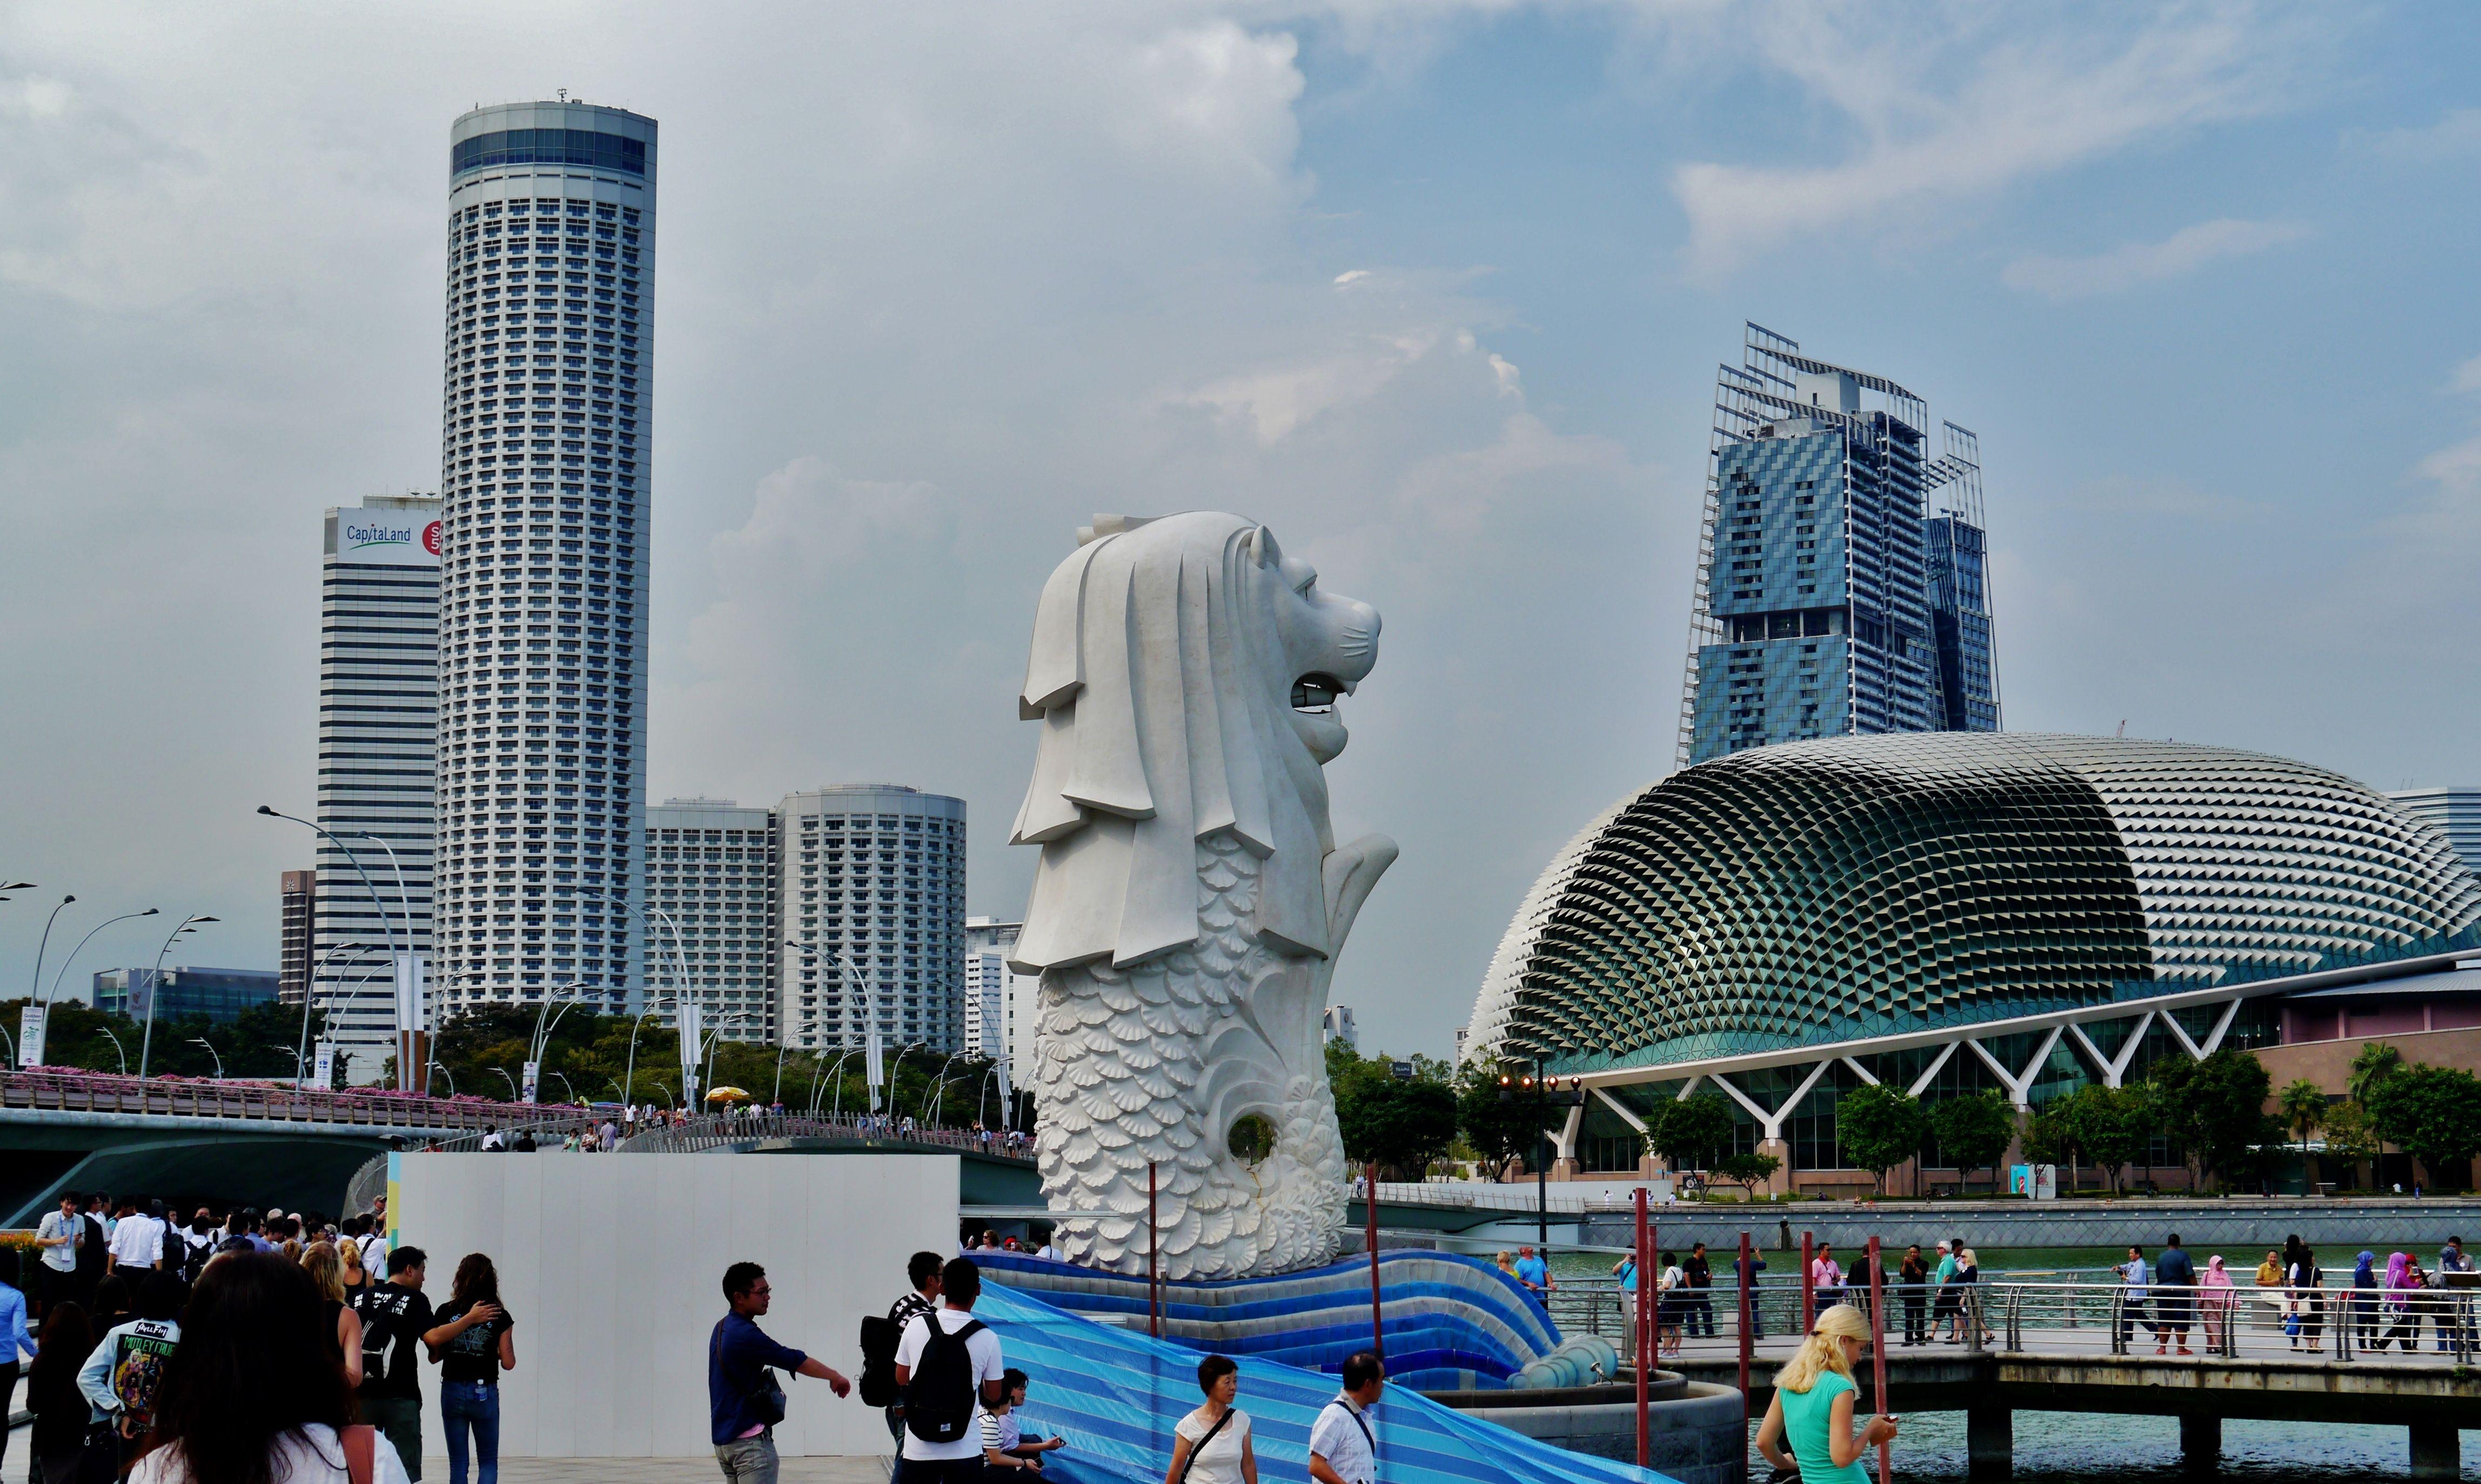 Singapore Beaches Accedi Al Nostro Blog Per Trovare Molte Piu Informazioni Nel Nostro Blog Molte Piu Informazioni Htt Singapore Sydney Opera House Cloud Gate